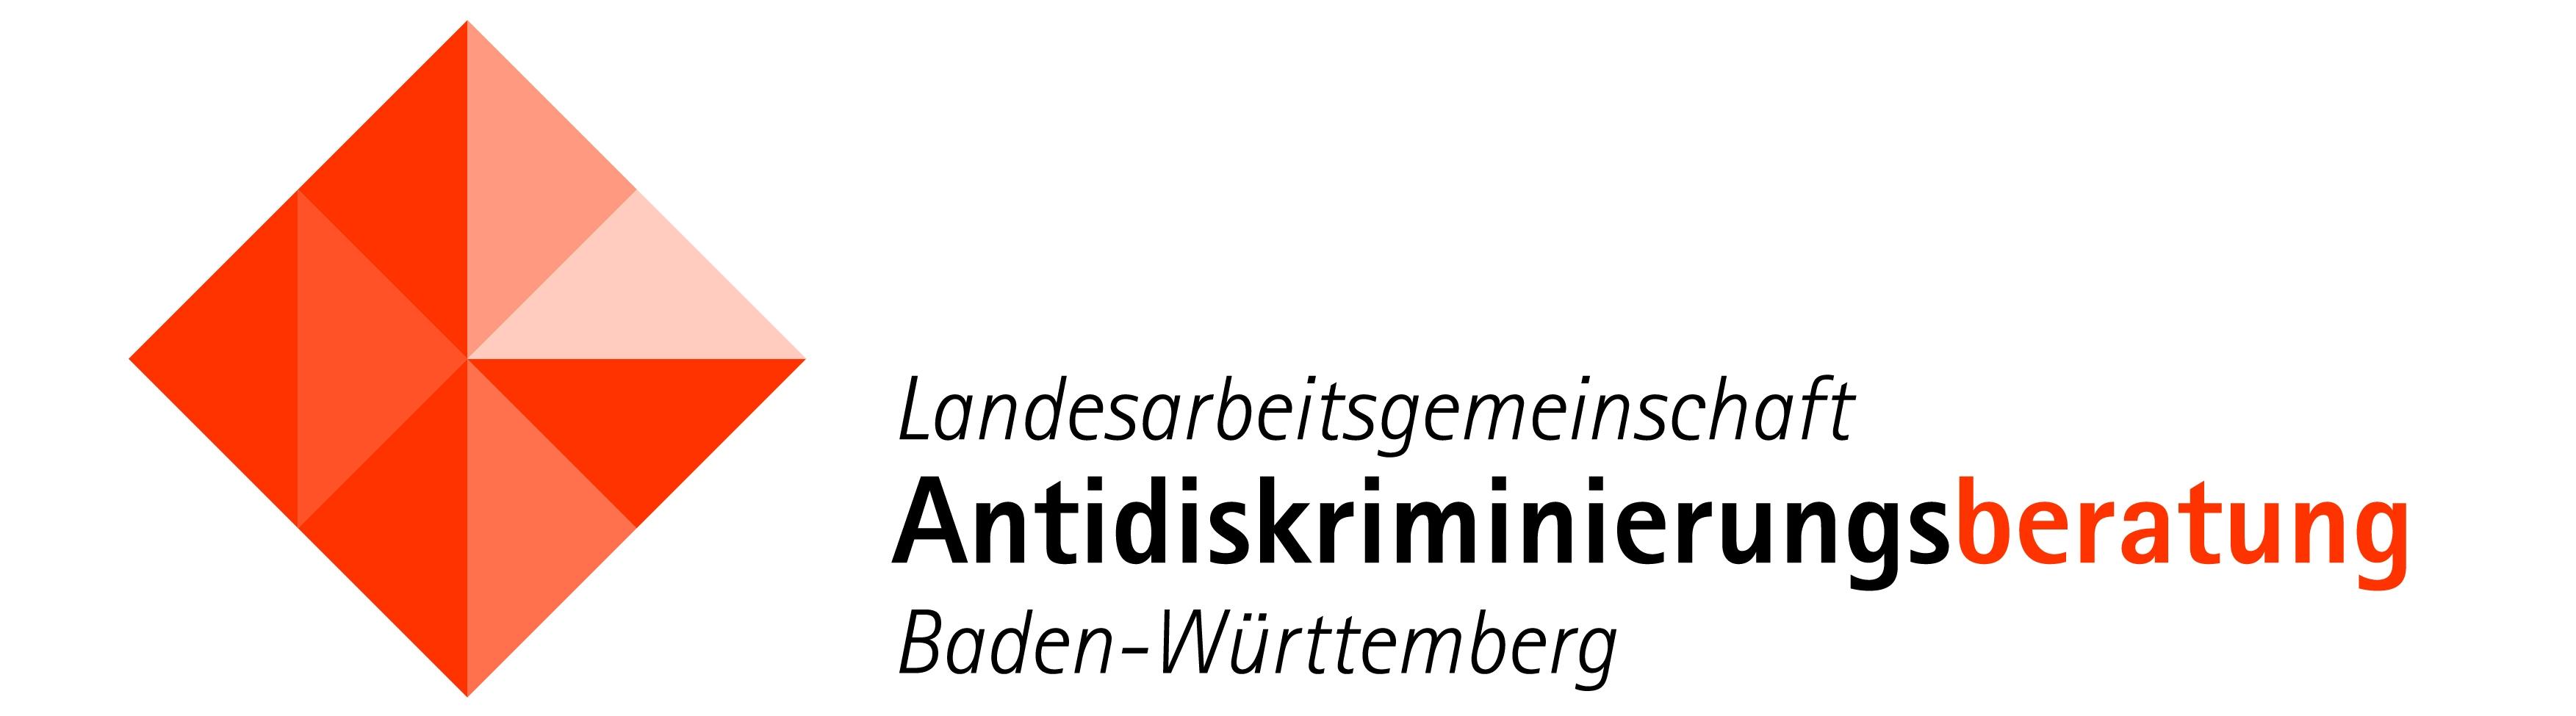 Landesarbeitsgemeinschaft Antidiskriminierung Baden-Württemberg